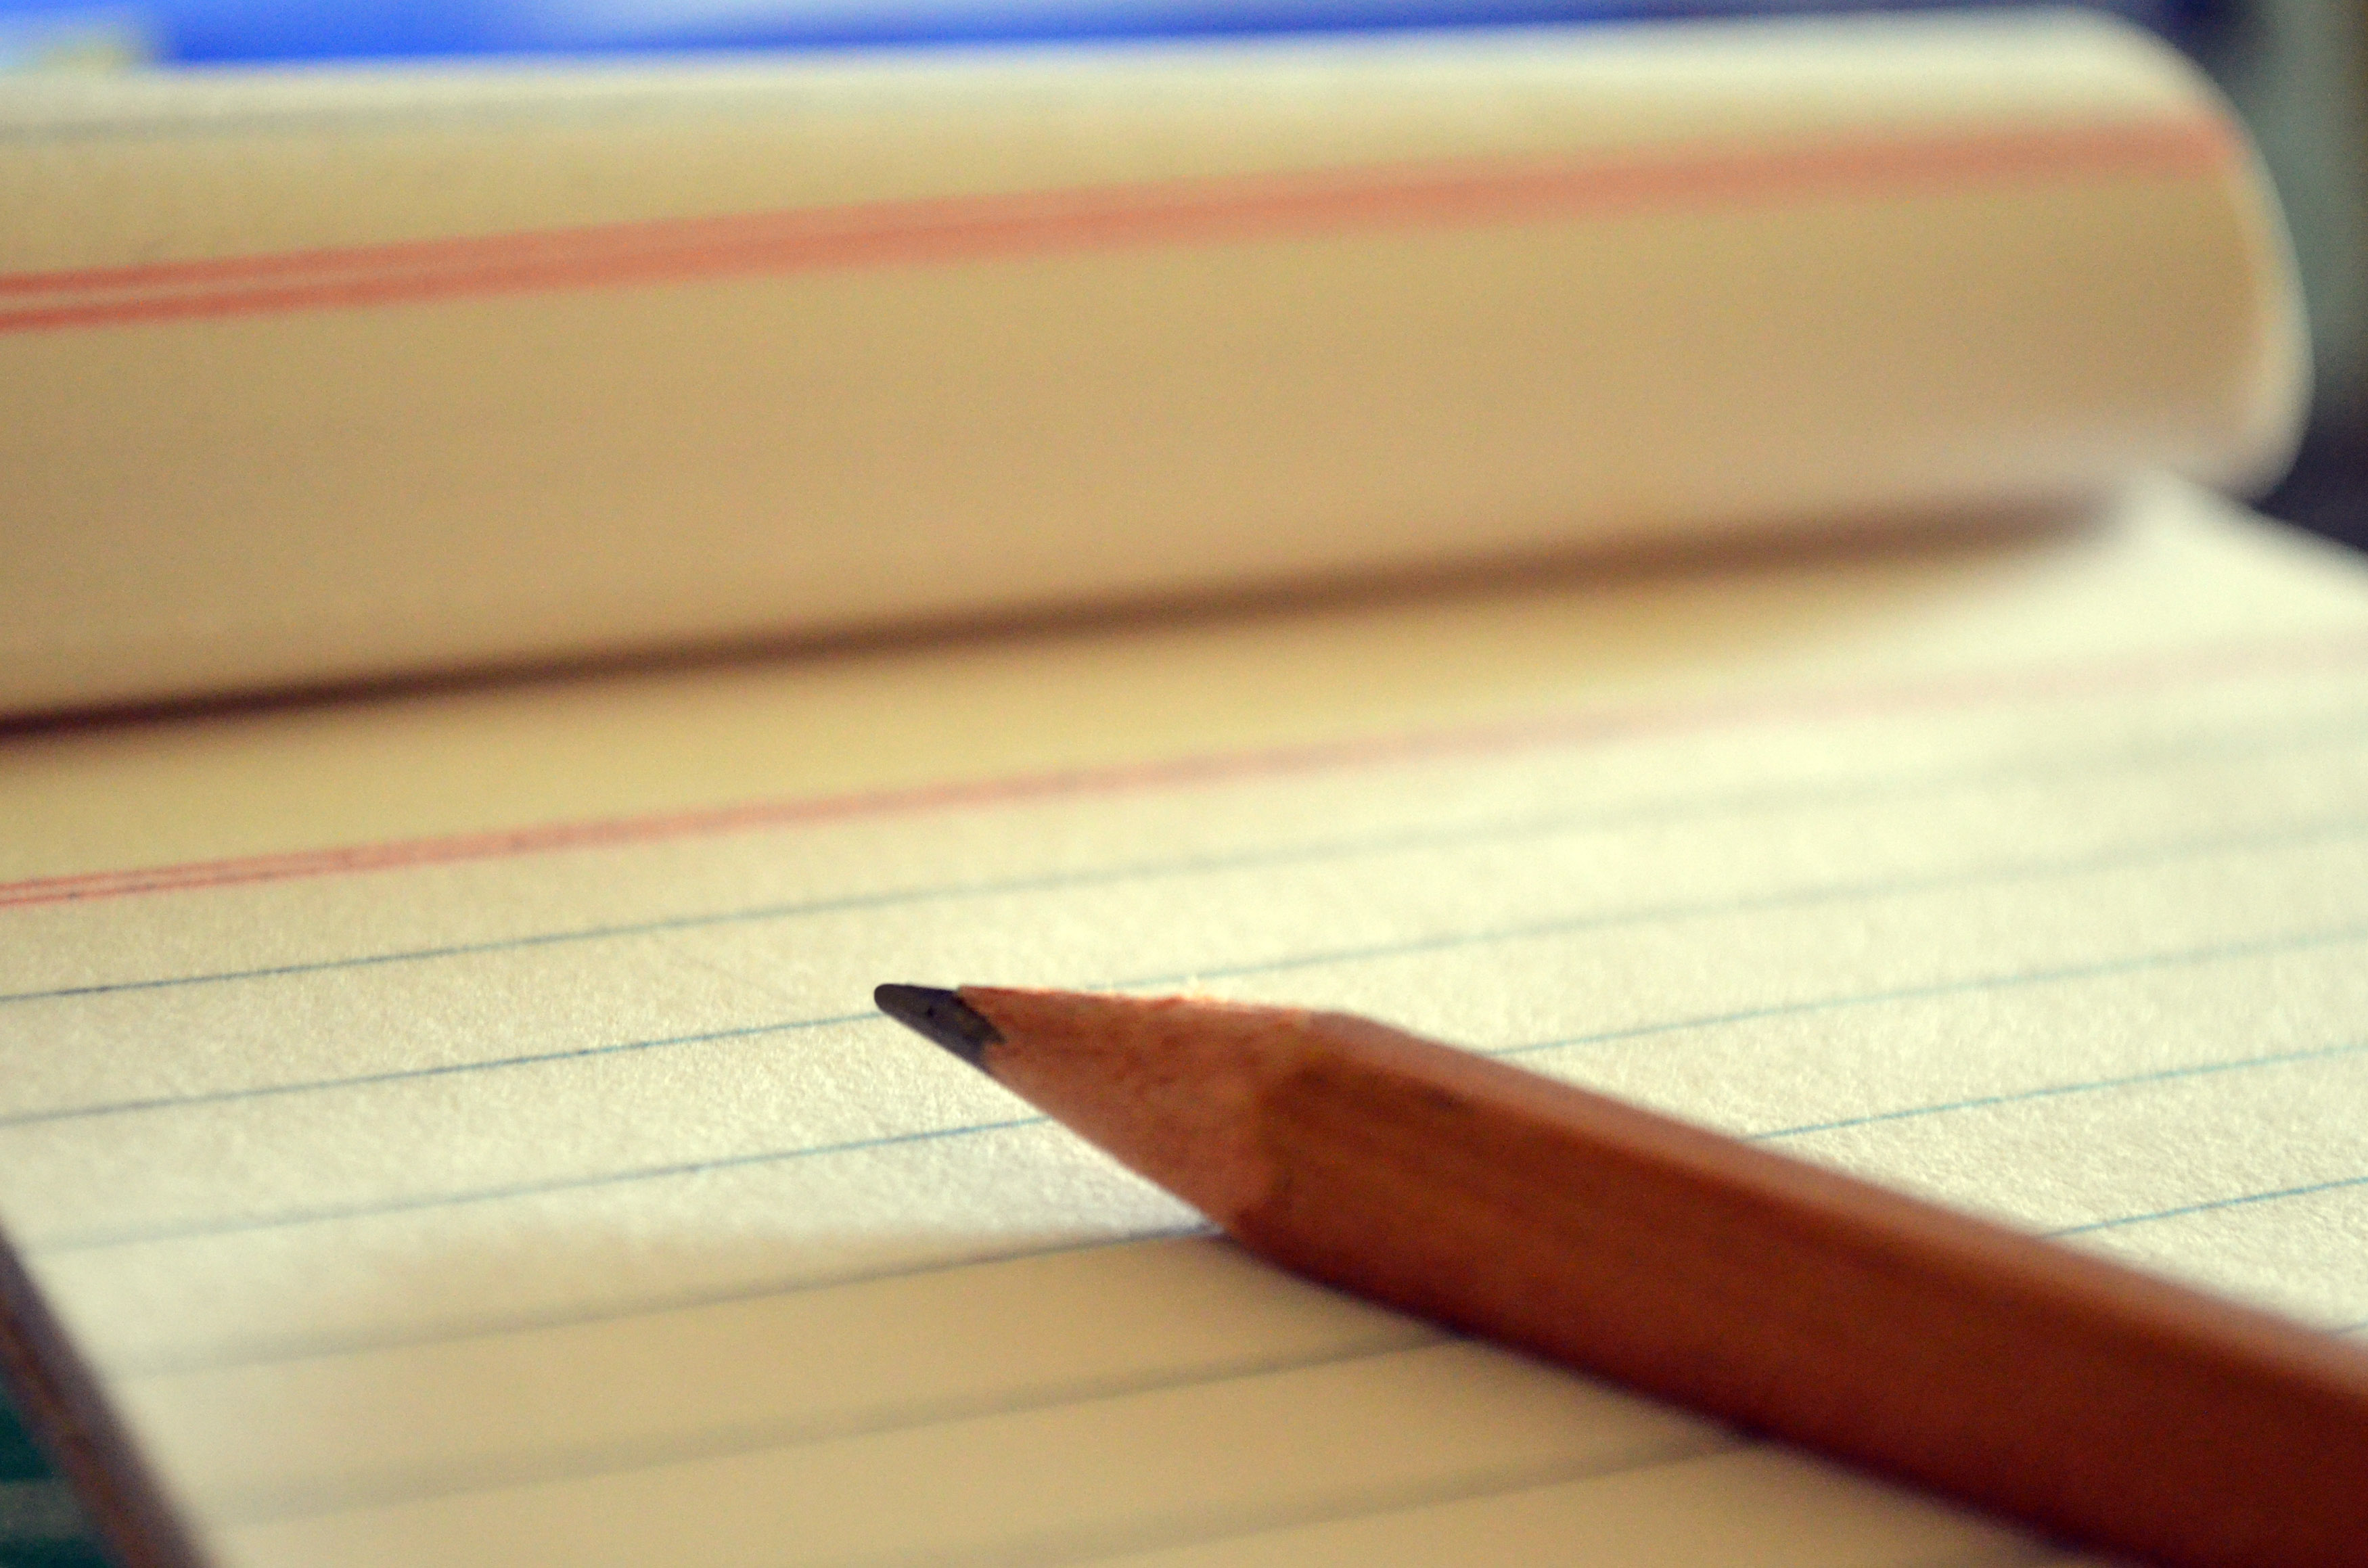 Fotografía de un blog de notas y un lápiz